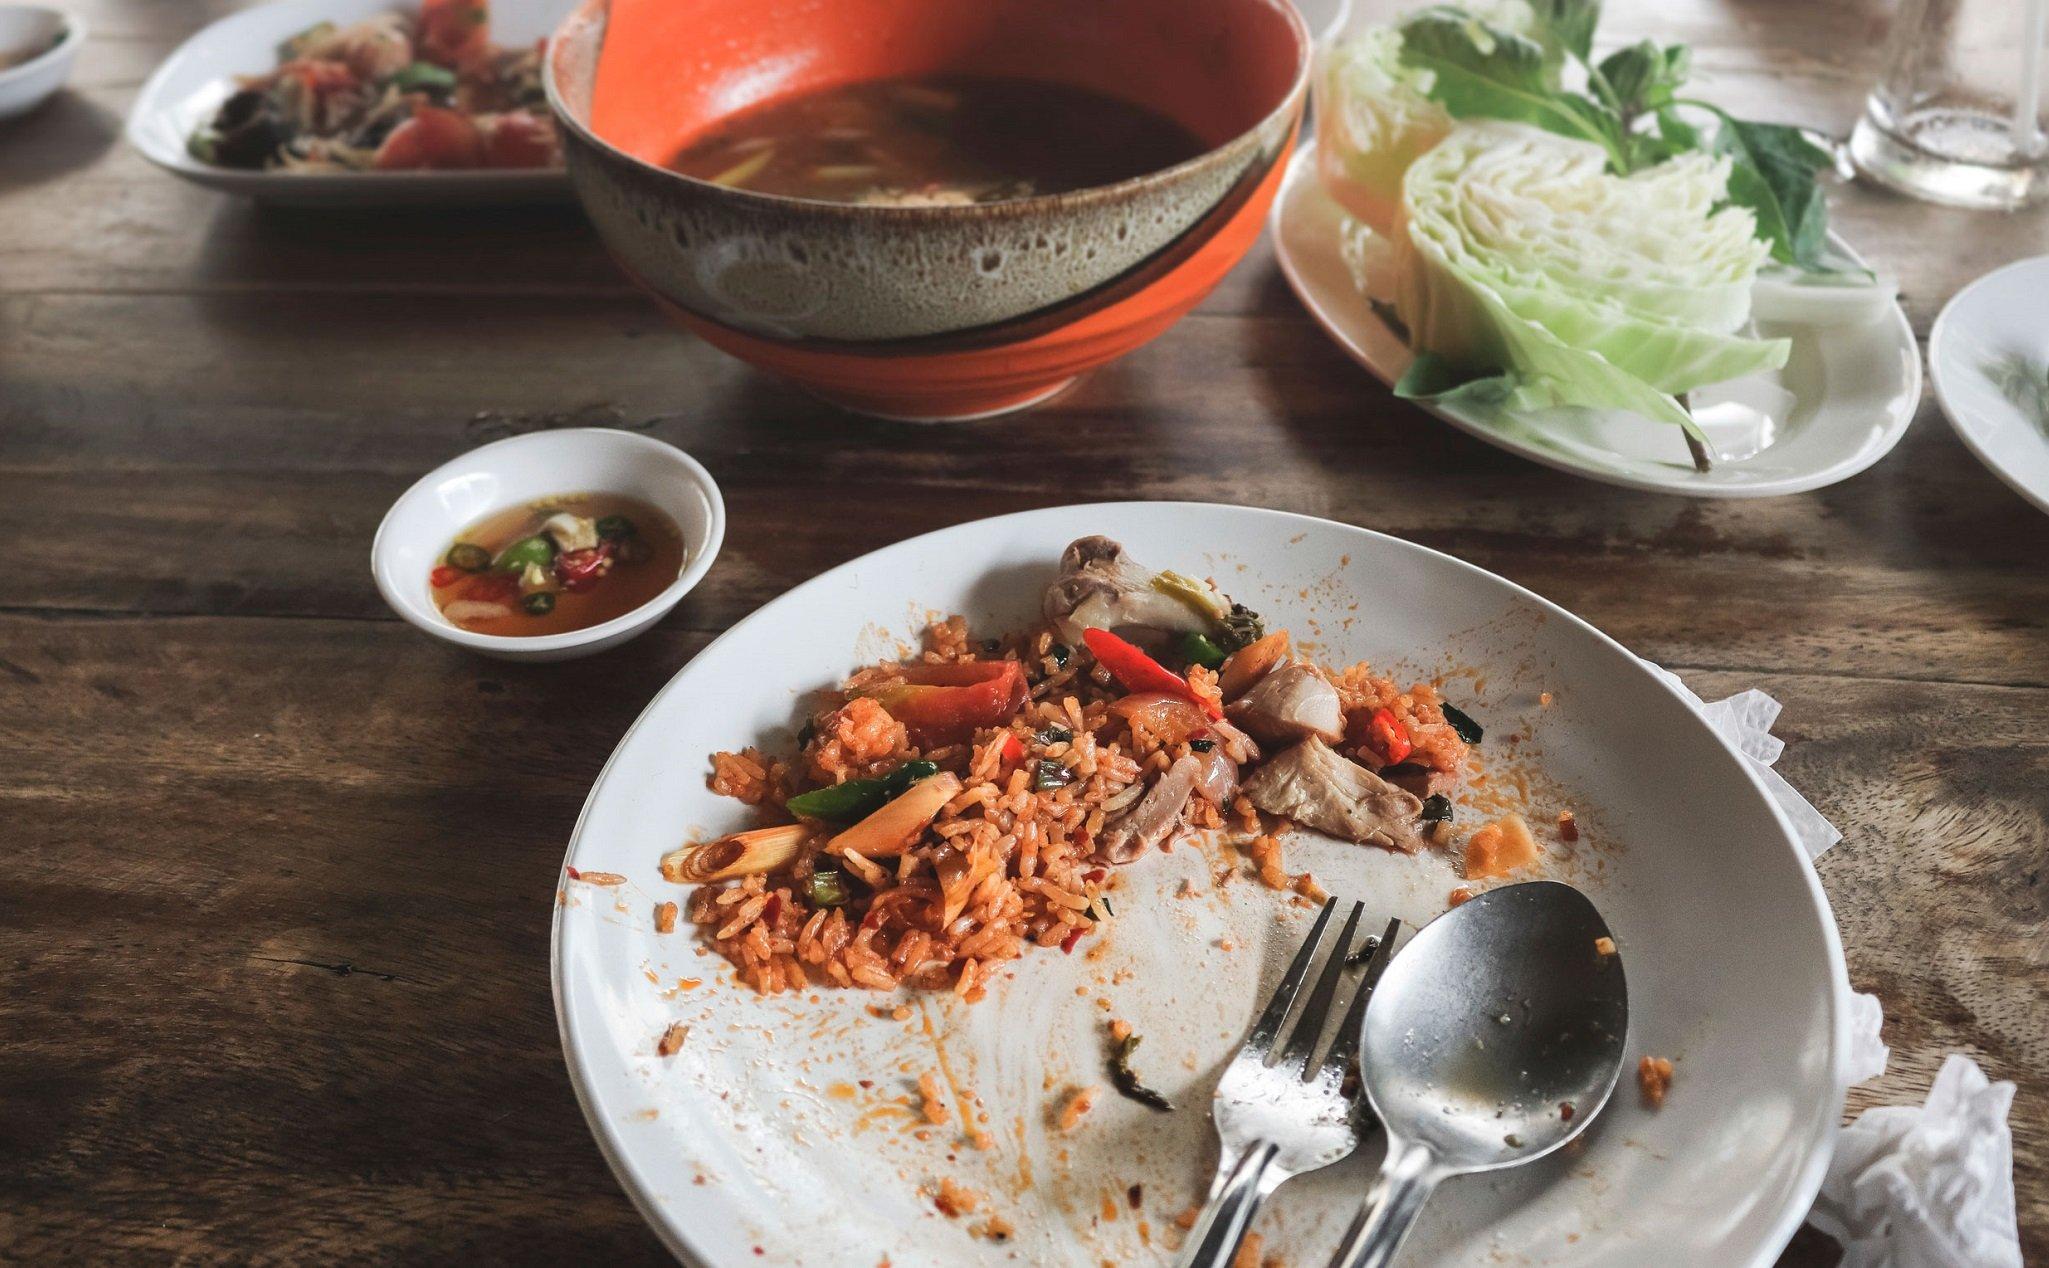 Điều cấm kỵ dịp tết 8: Tuyệt đối không ăn dở, bỏ thừa đồ ăn